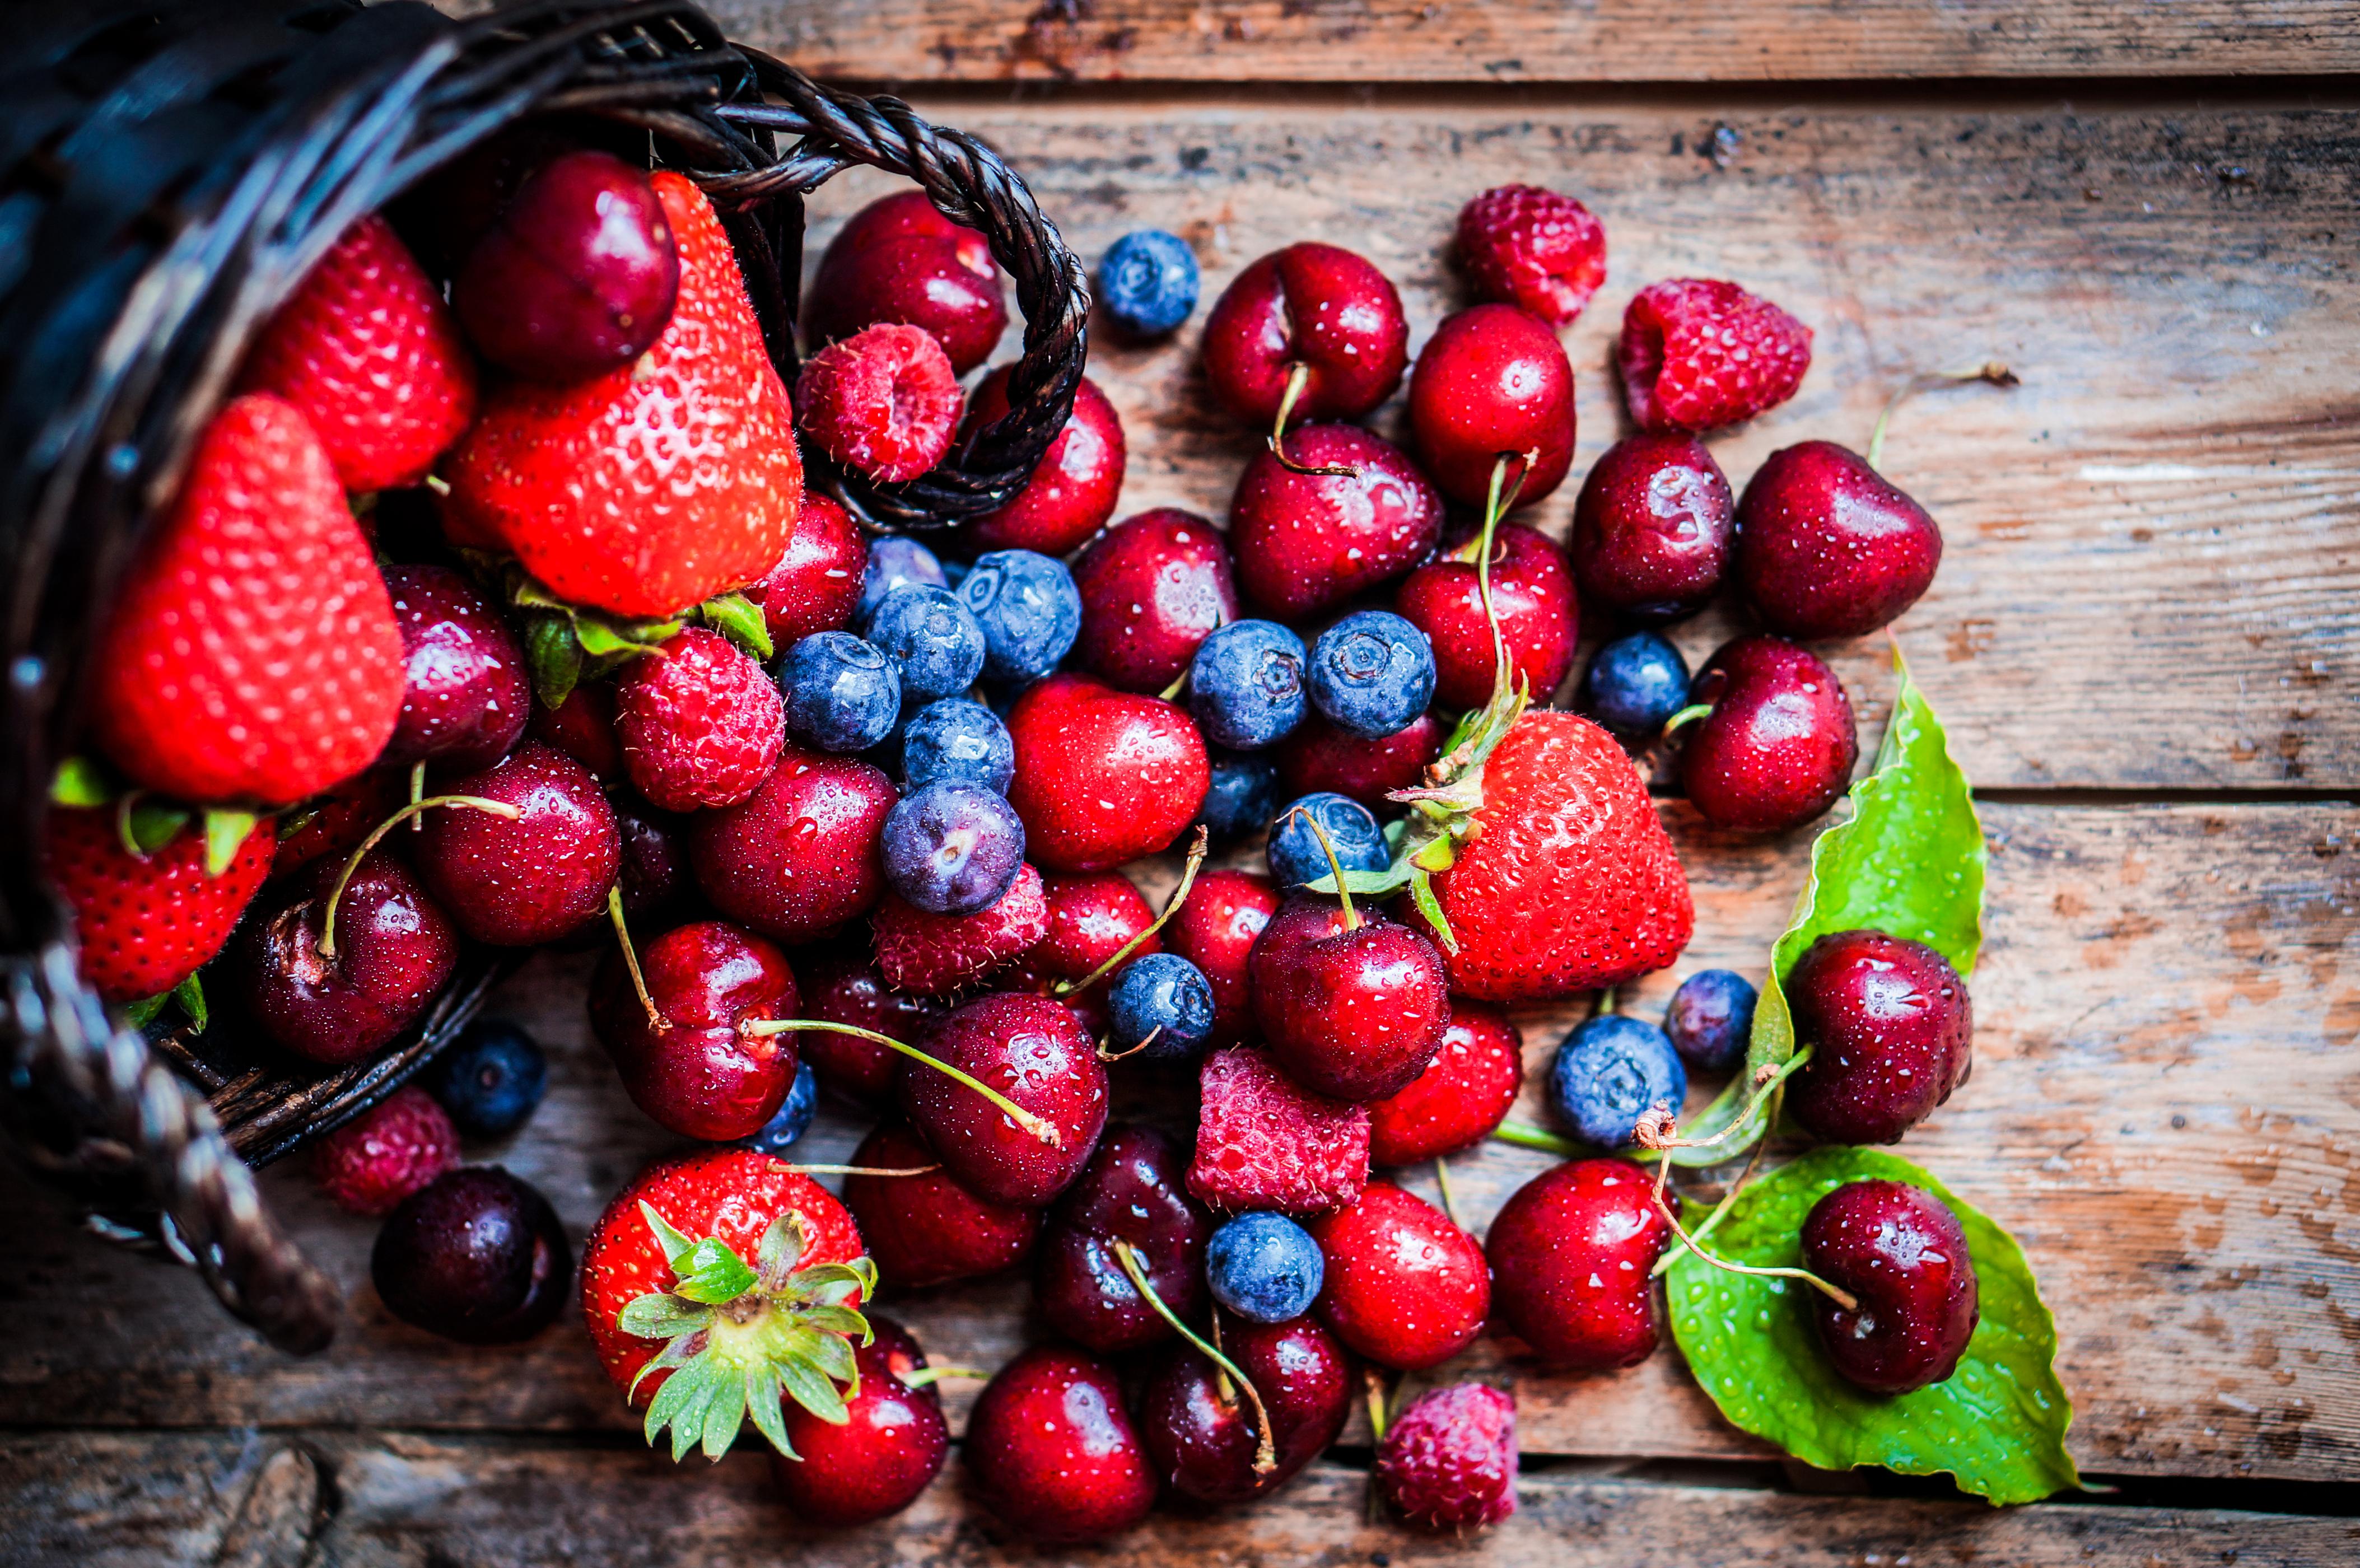 лесные ягоды в брызгах картинка лучший